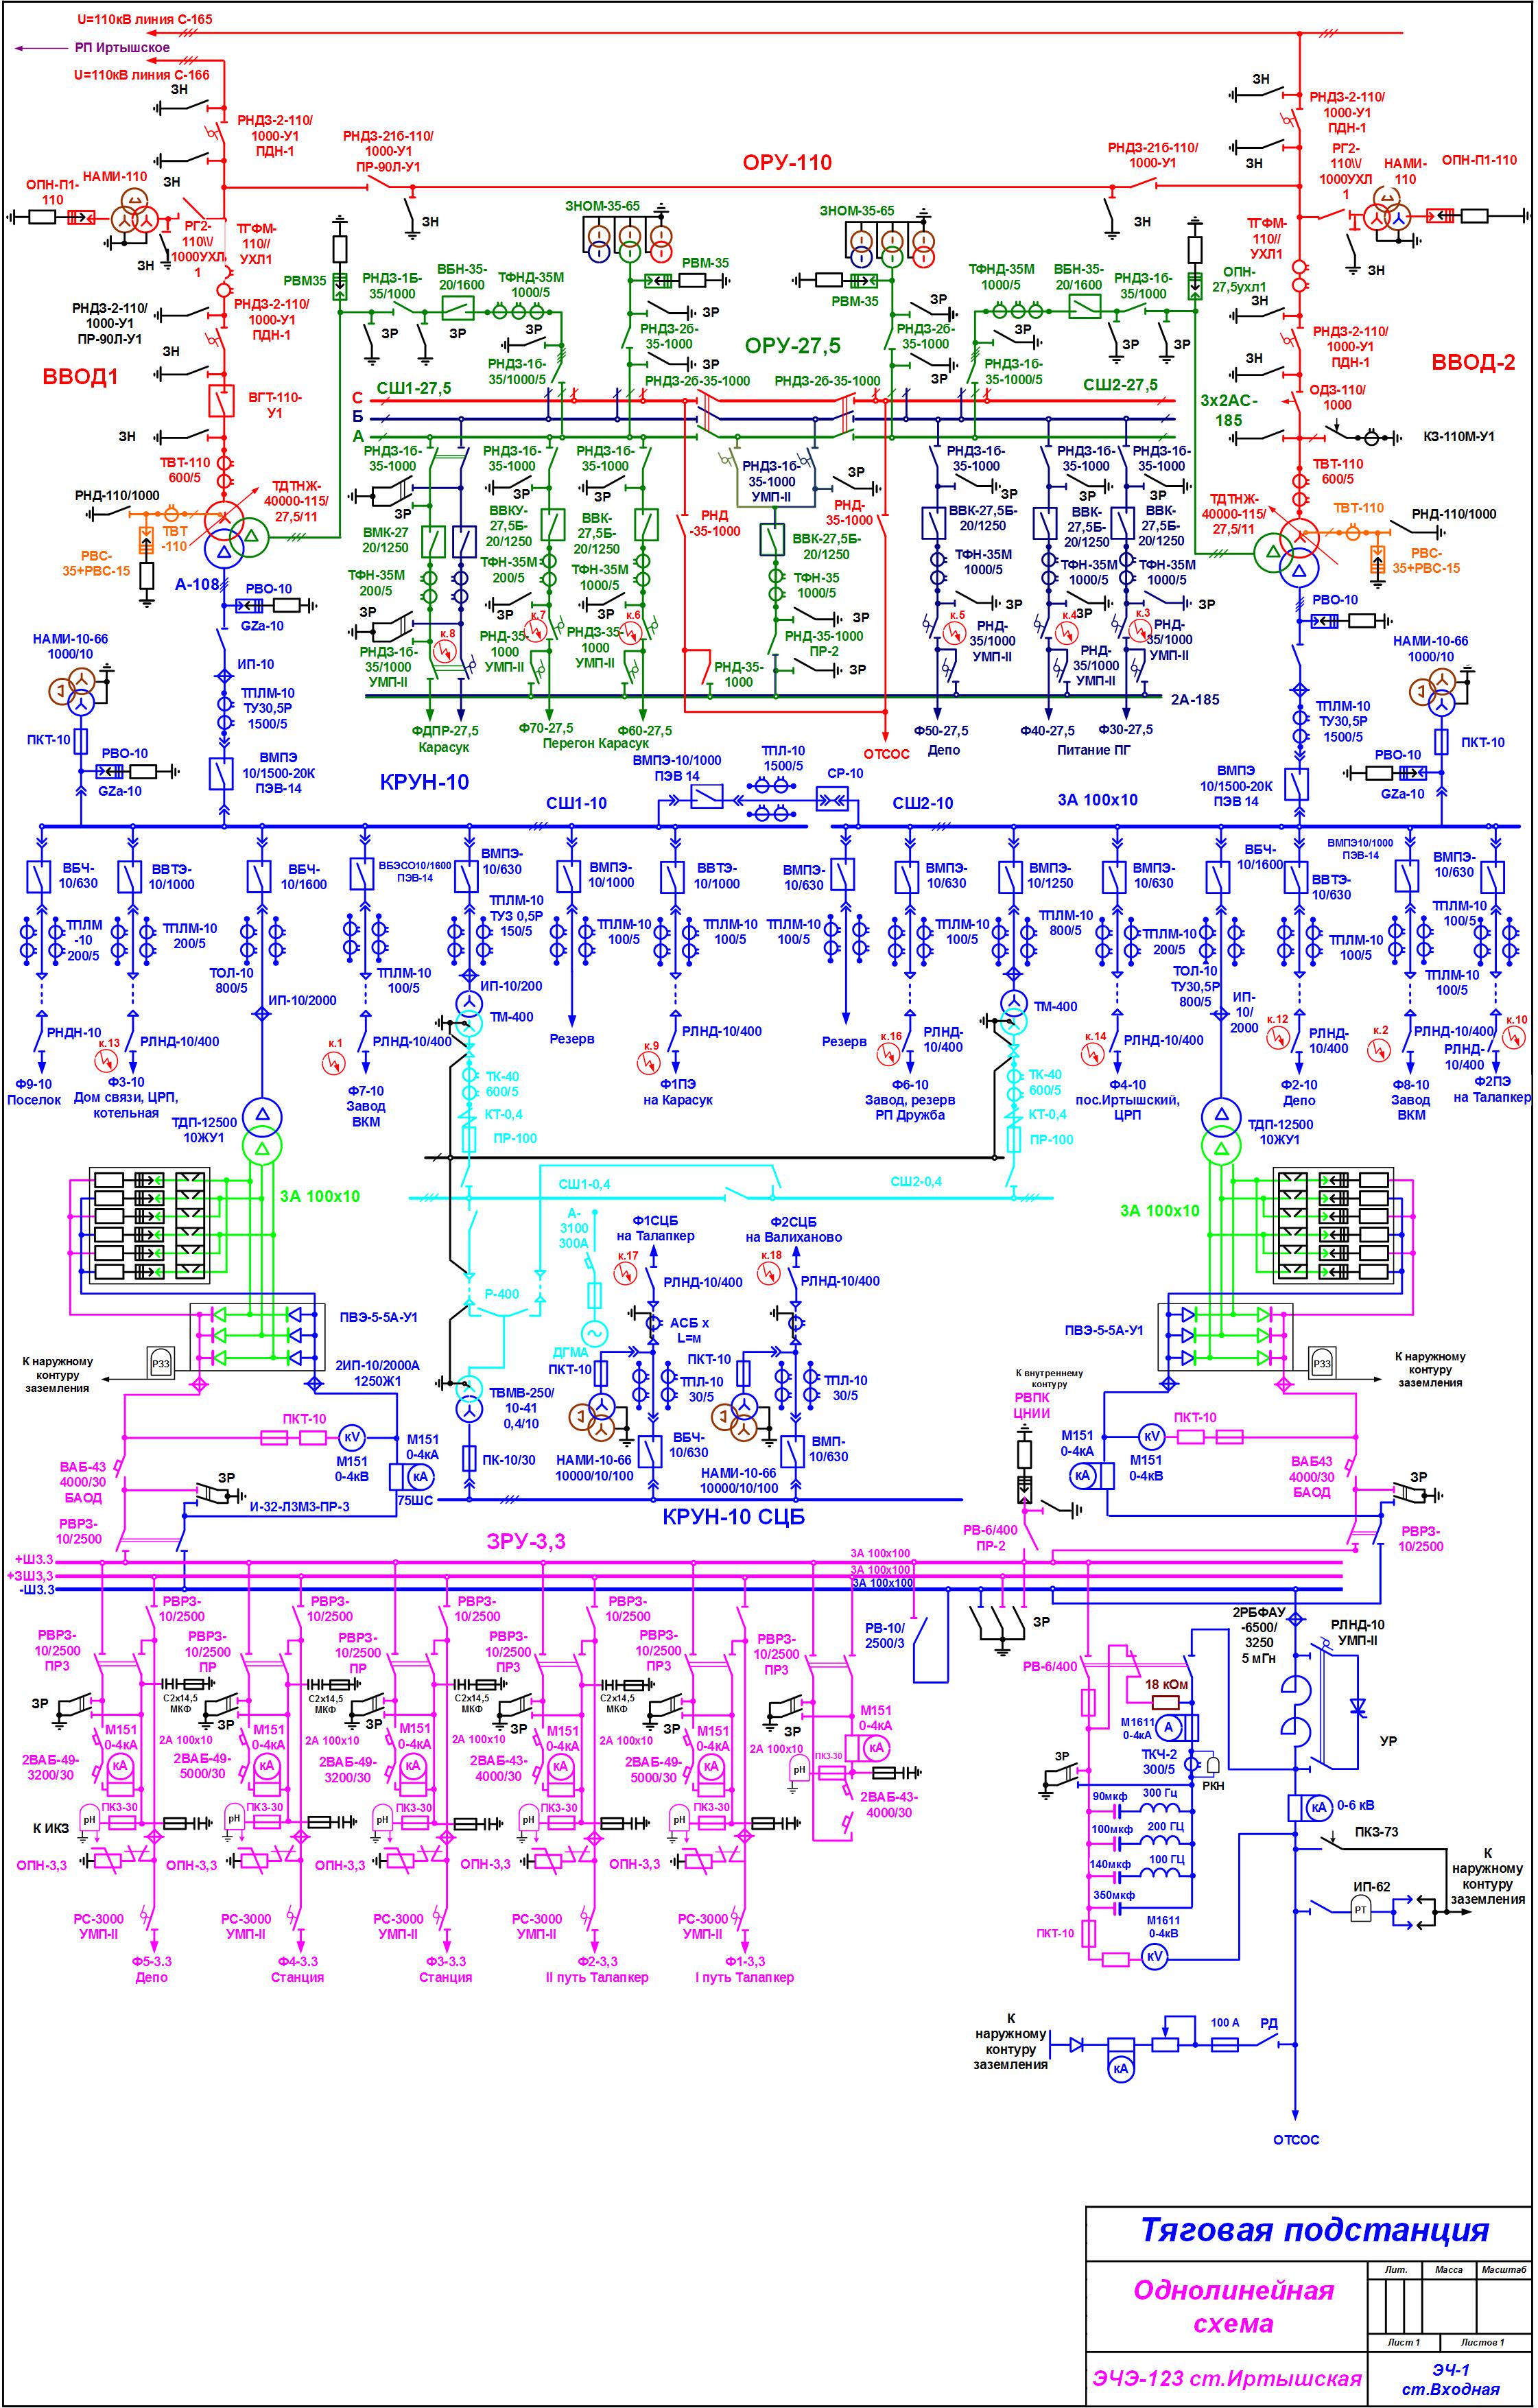 Отчет по электромонтажной практике Студент гр Б Схема главных электрических соединений тяговой подстанции ЭЧЭ 1